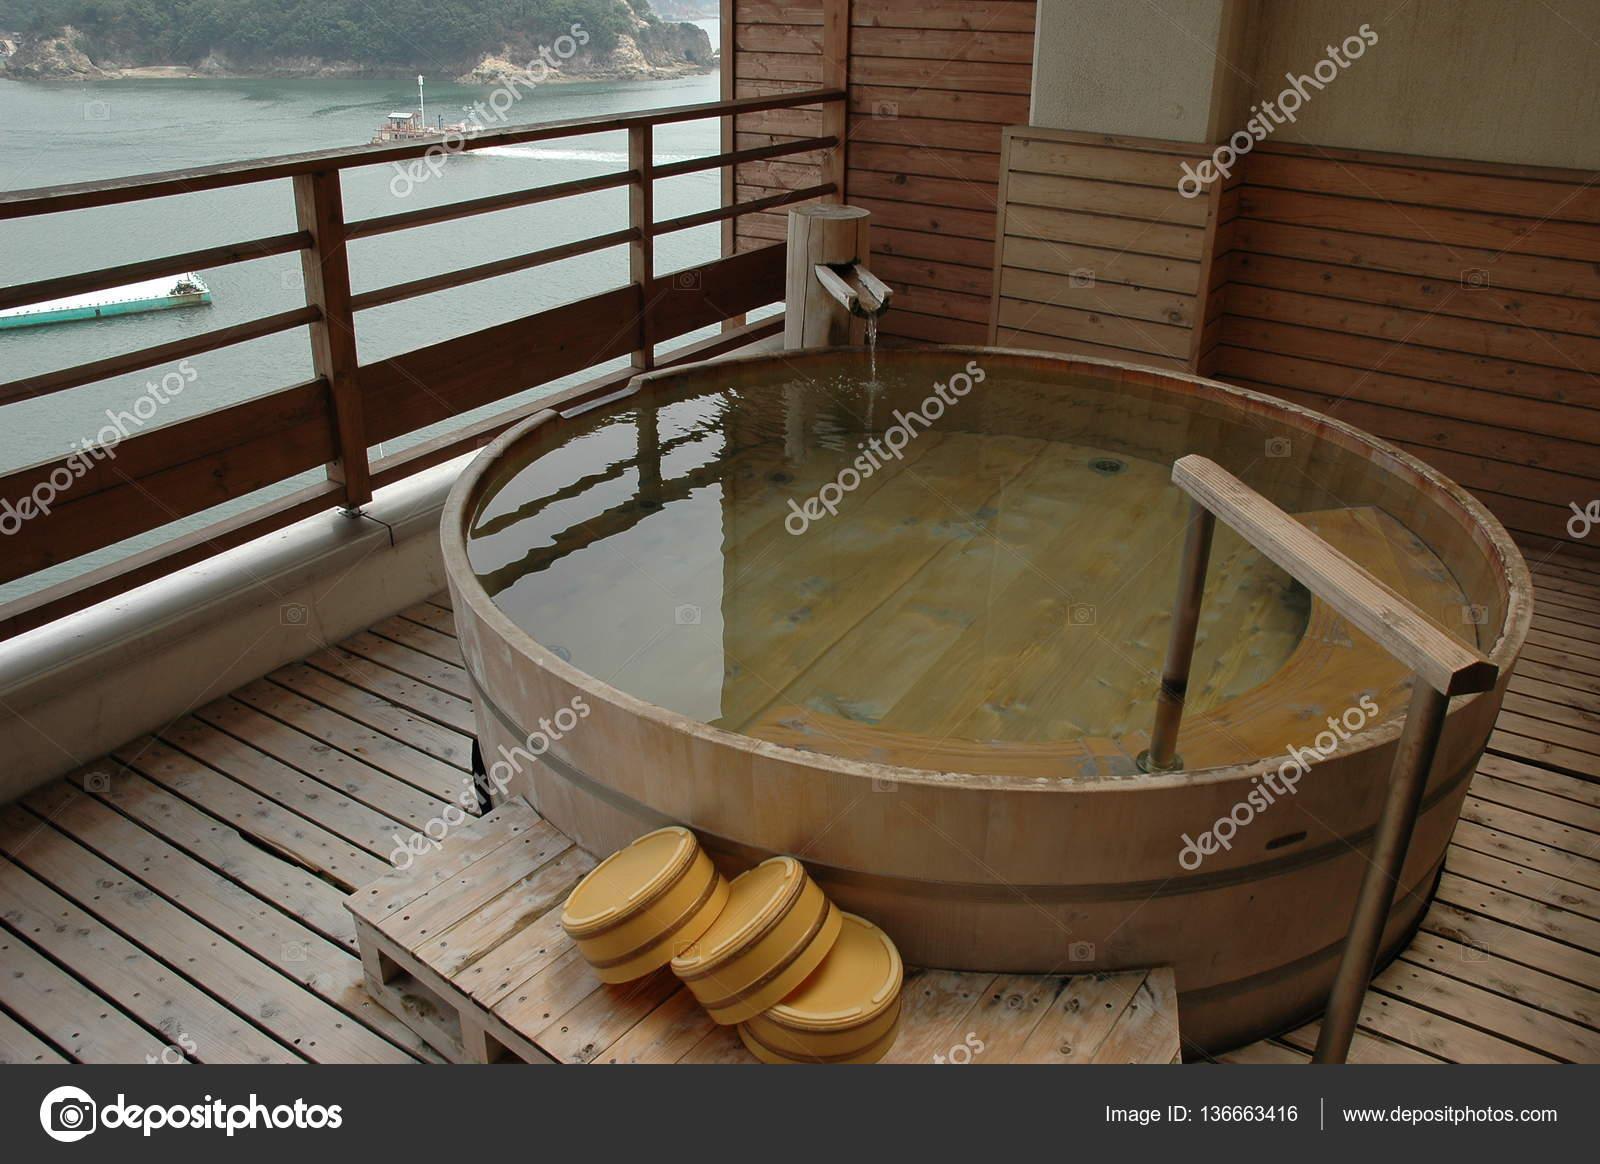 Vasca Da Bagno Tradizionale : Vasca da bagno tradizionale giapponese realizzato u foto stock